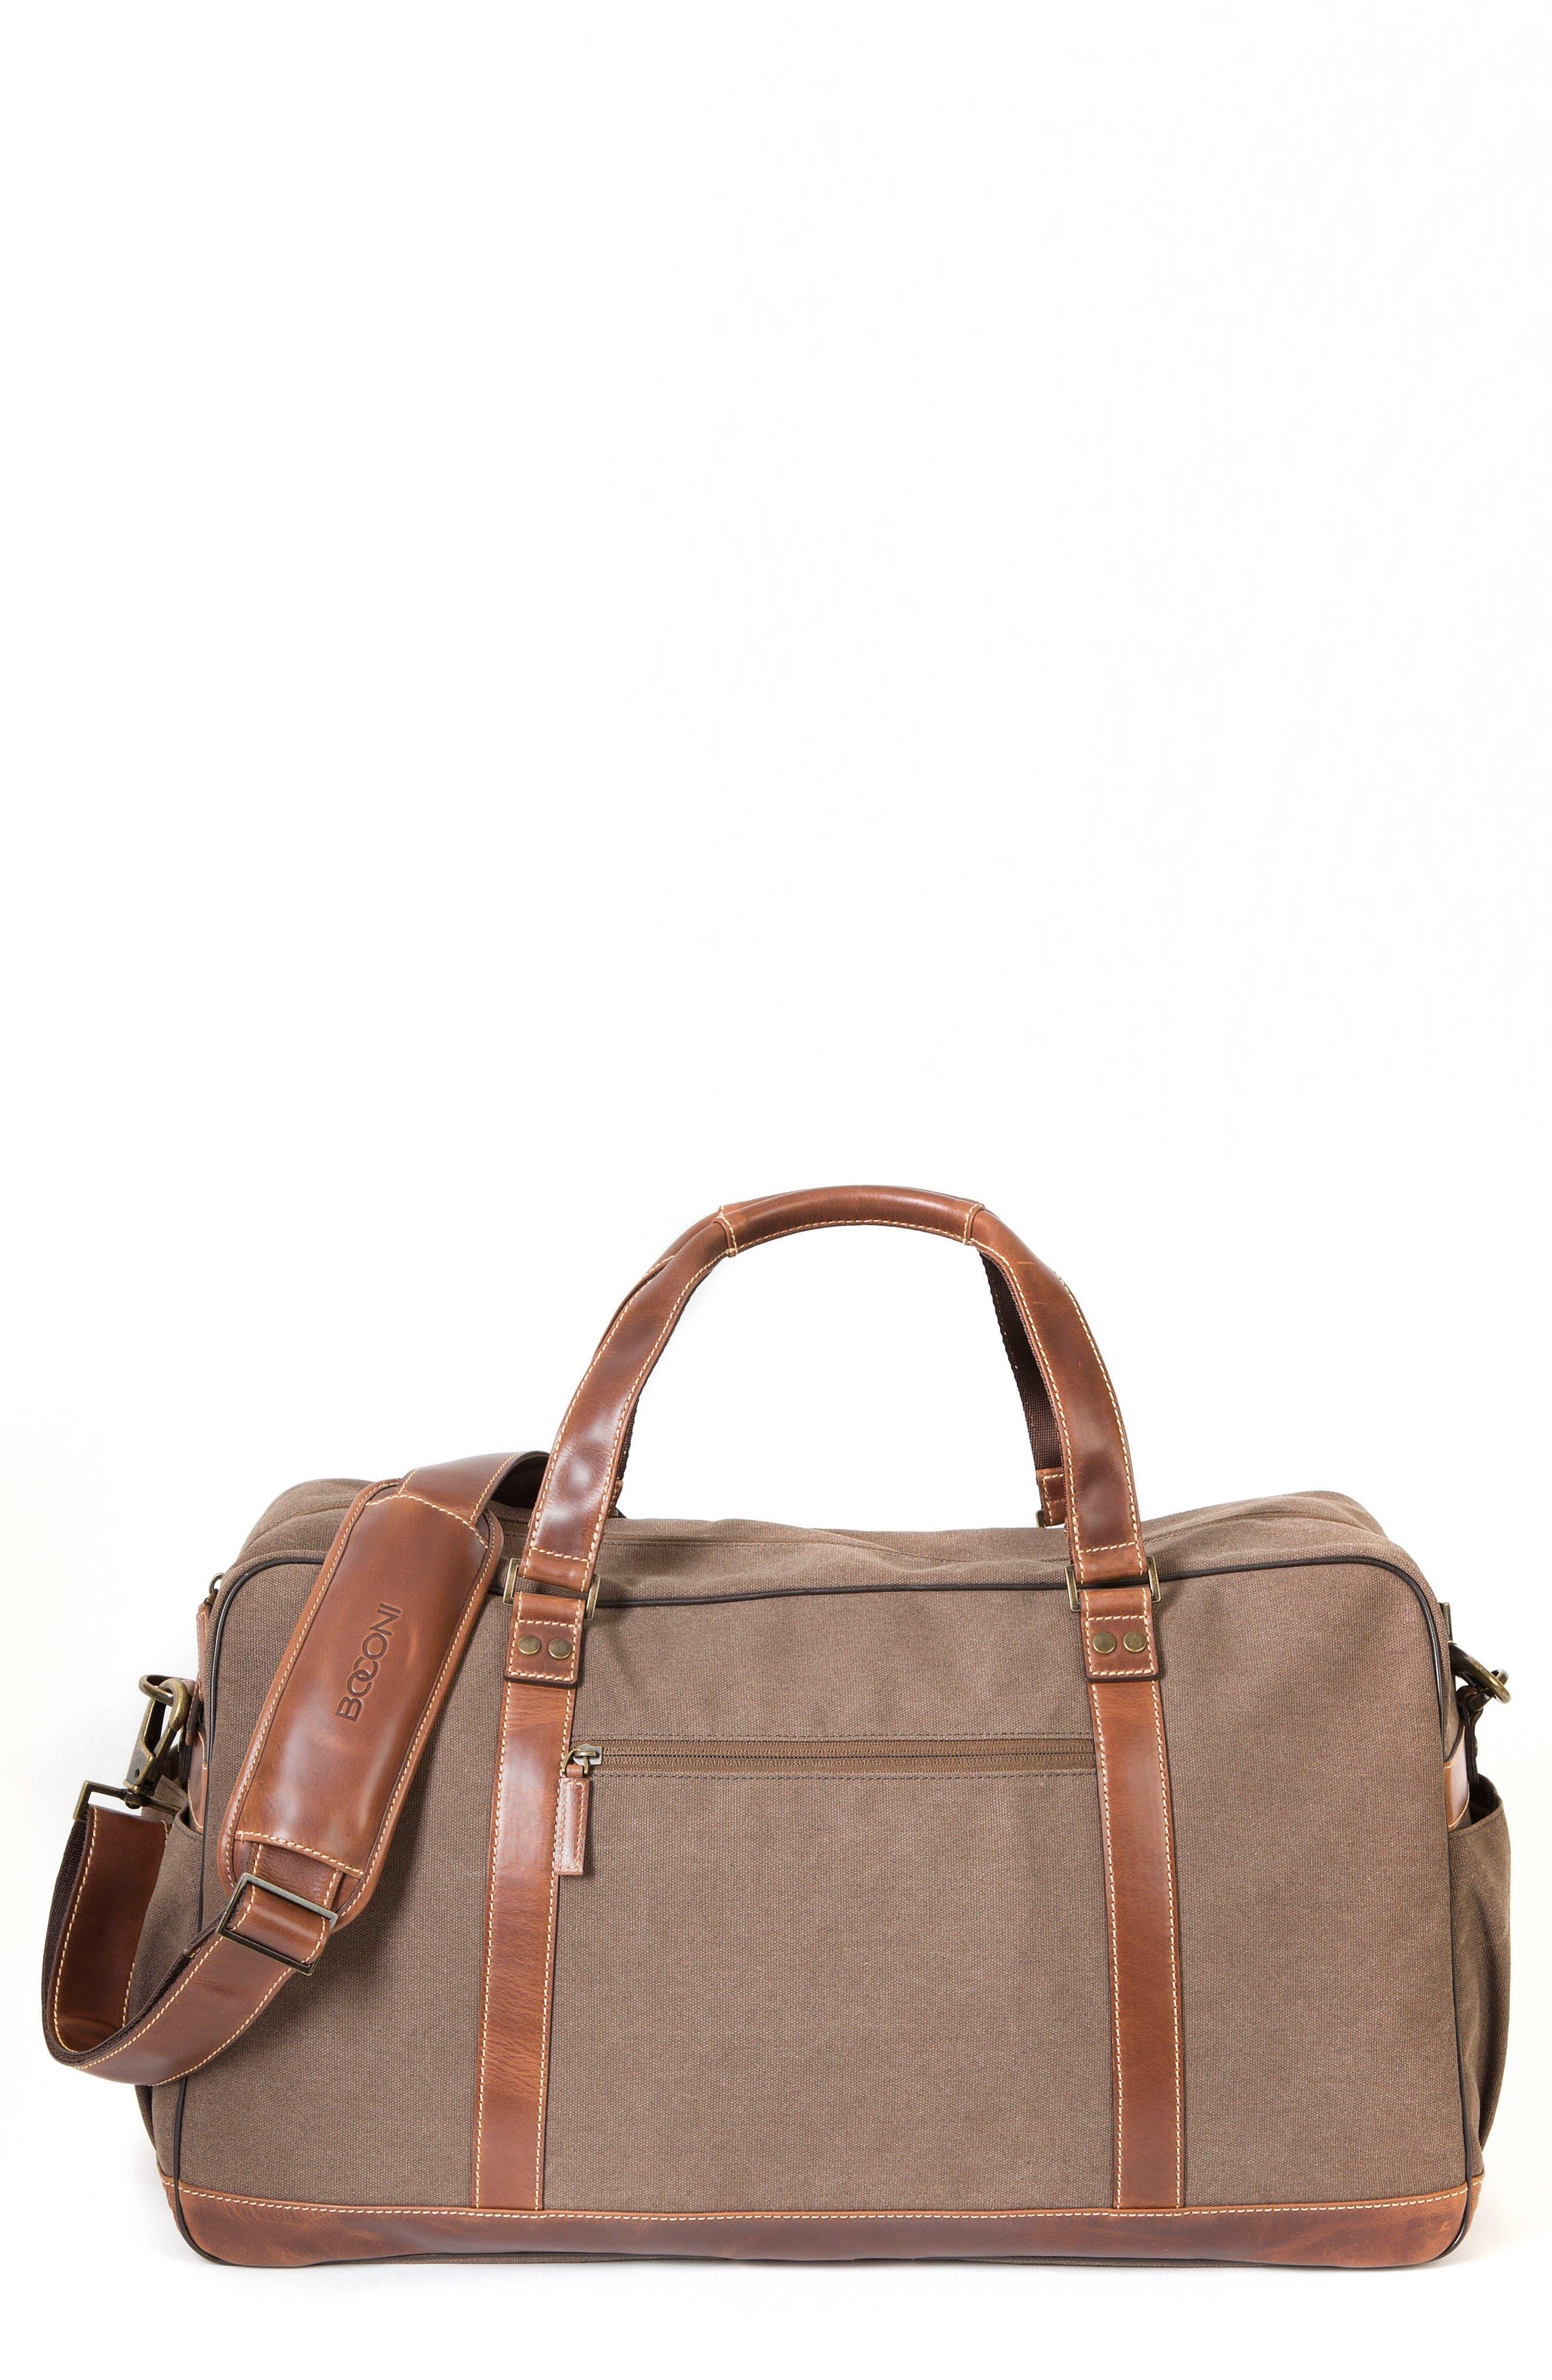 Bryant LTE Getaway Duffel Bag,                             Main thumbnail 1, color,                             Antique Mahogany/ Brown